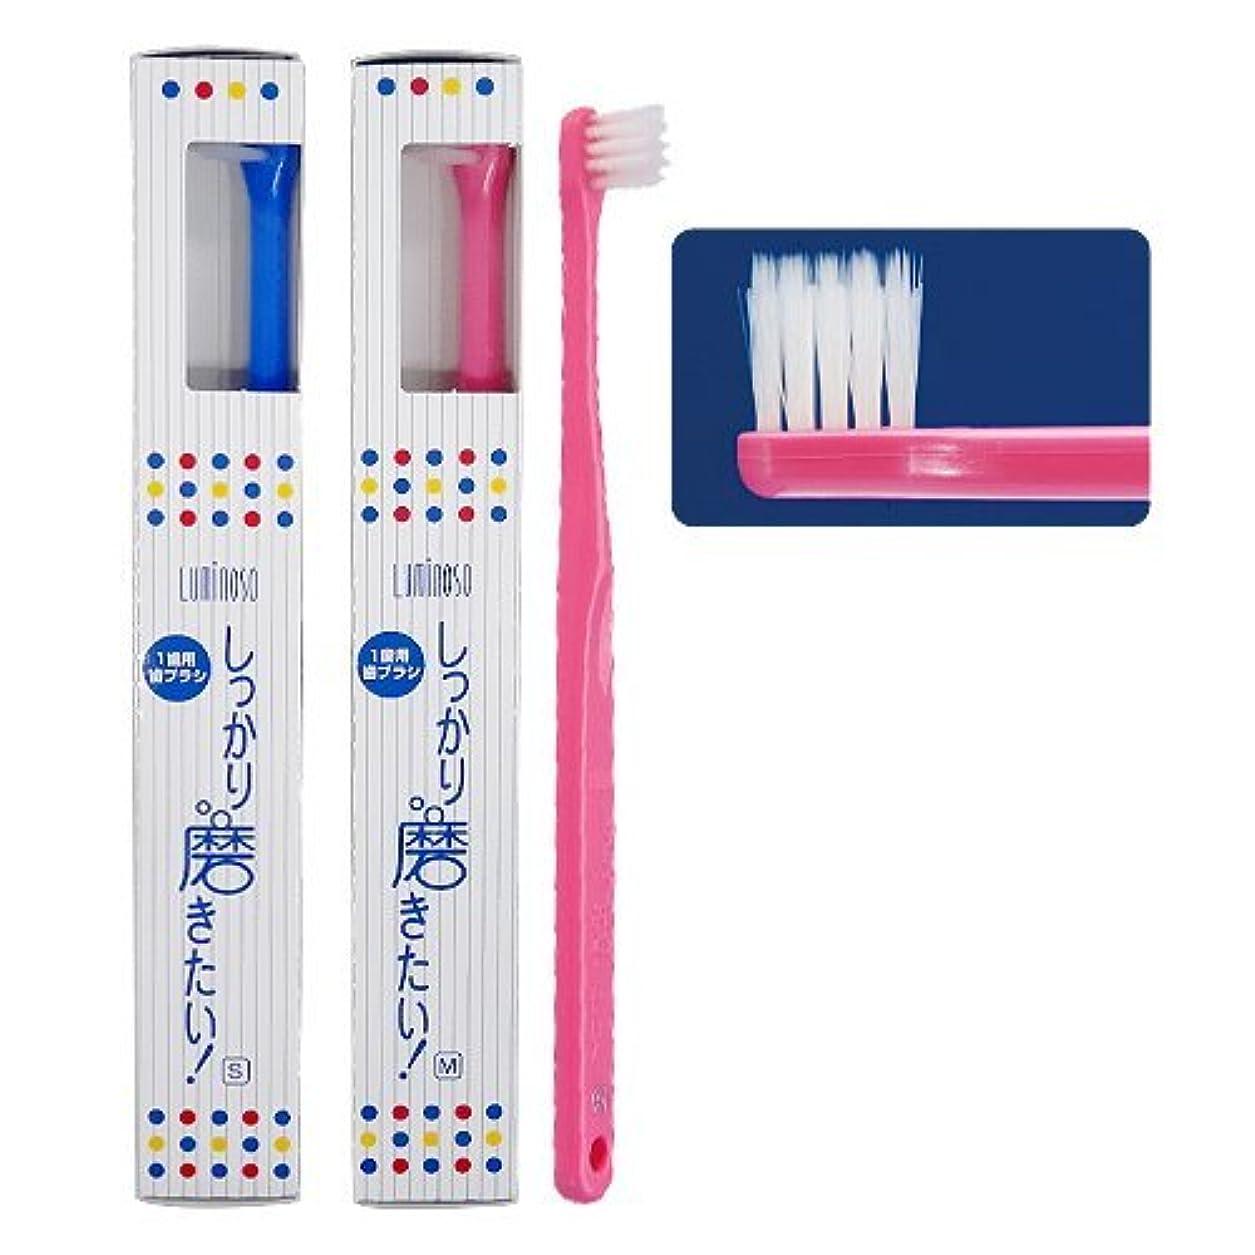 霧深いドライツインルミノソ 1歯用歯ブラシ「しっかり磨きたい!」スタンダード ミディアム (カラー指定不可) 3本